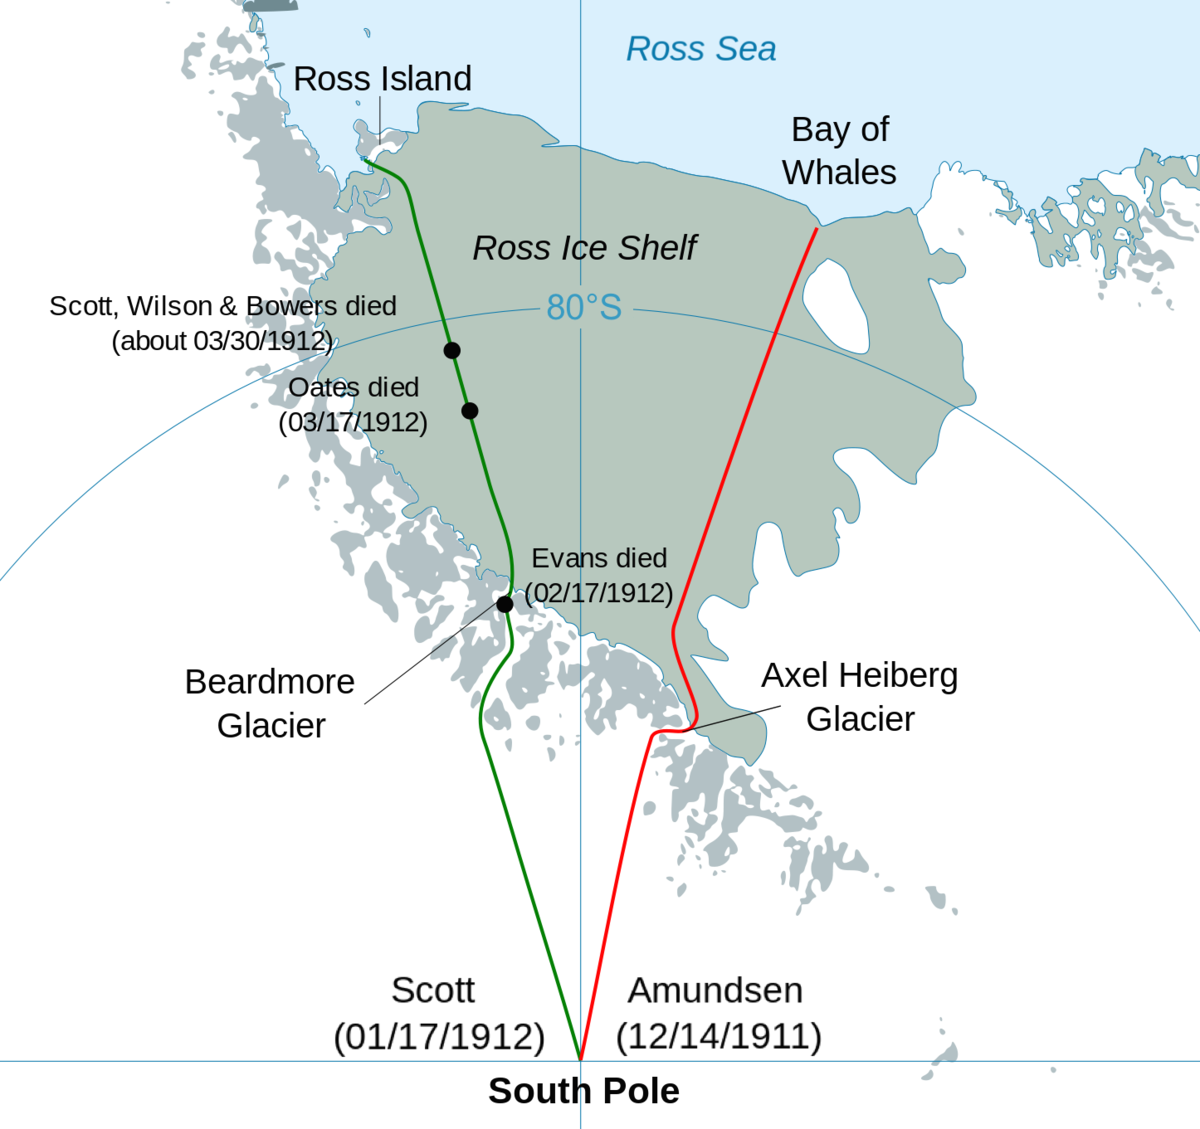 Tipos de mercado, tamaños de empresa y expediciones a la Antártida ...